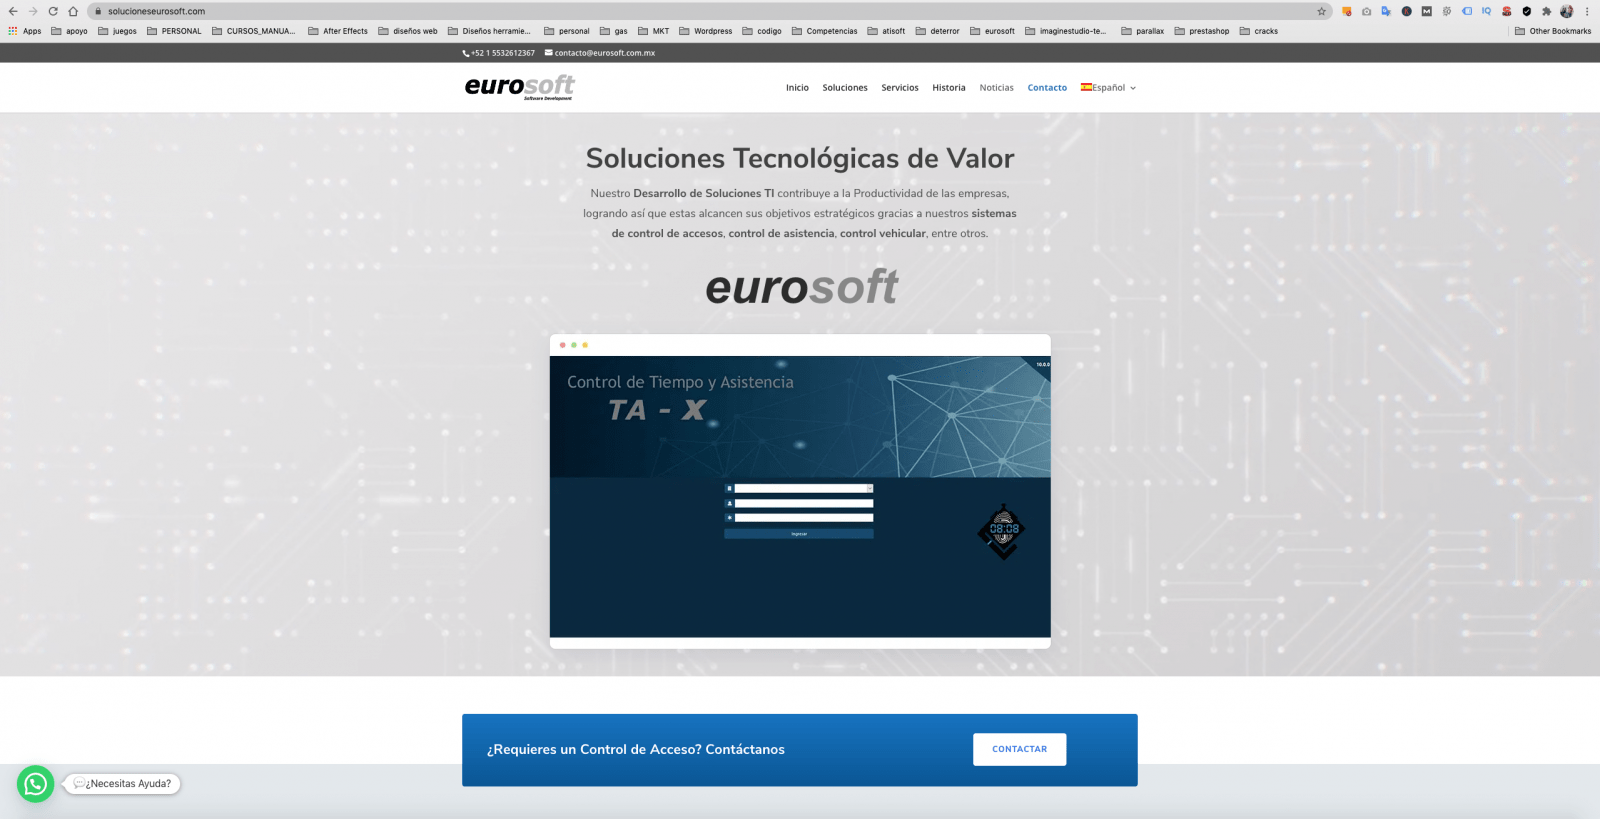 diseño de pagina web eurosoft